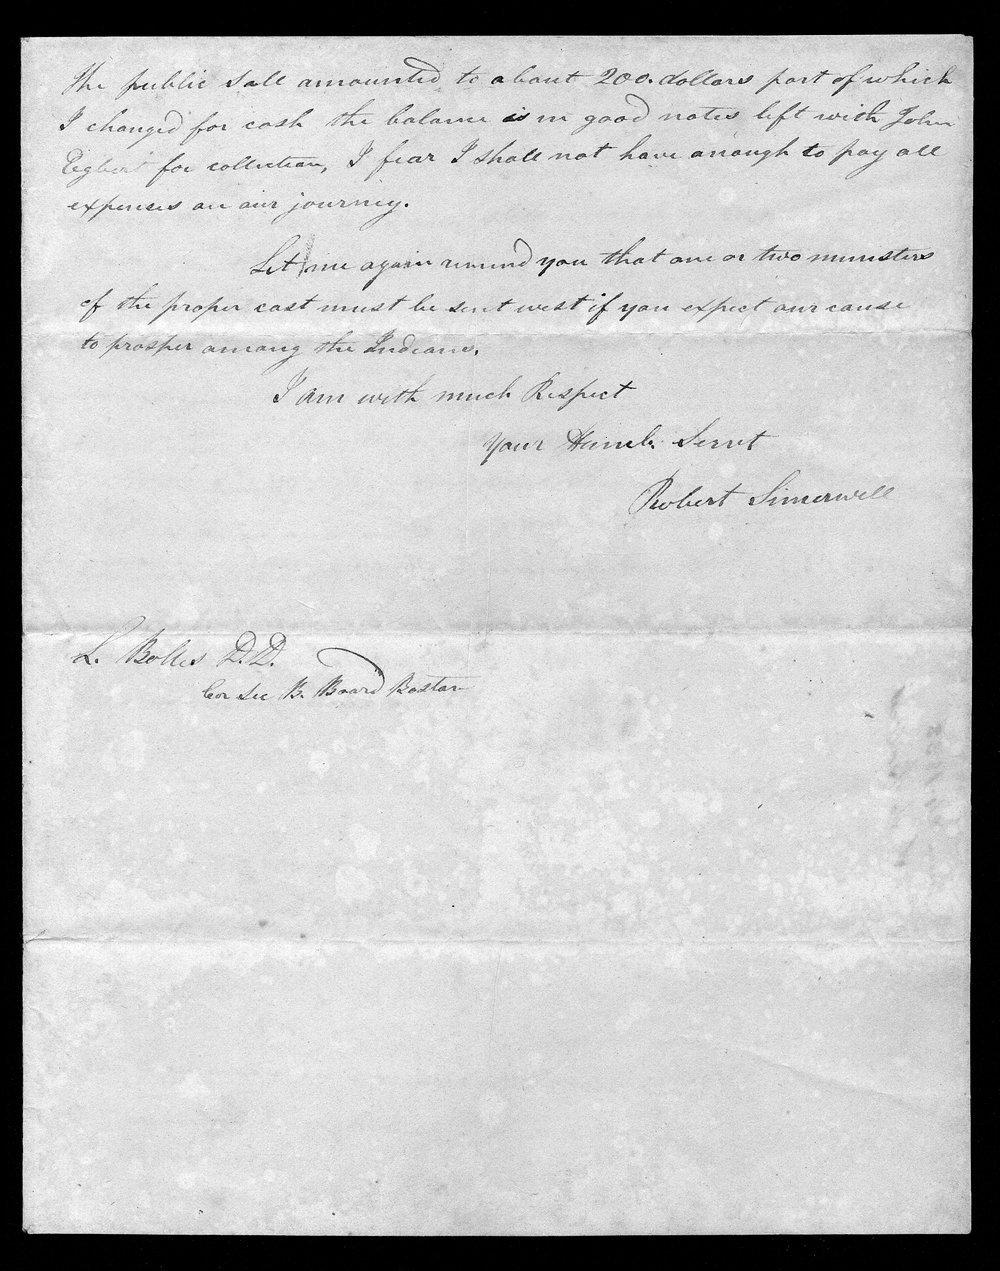 Robert Simerwell to Reverend Samuel Bolles - 3